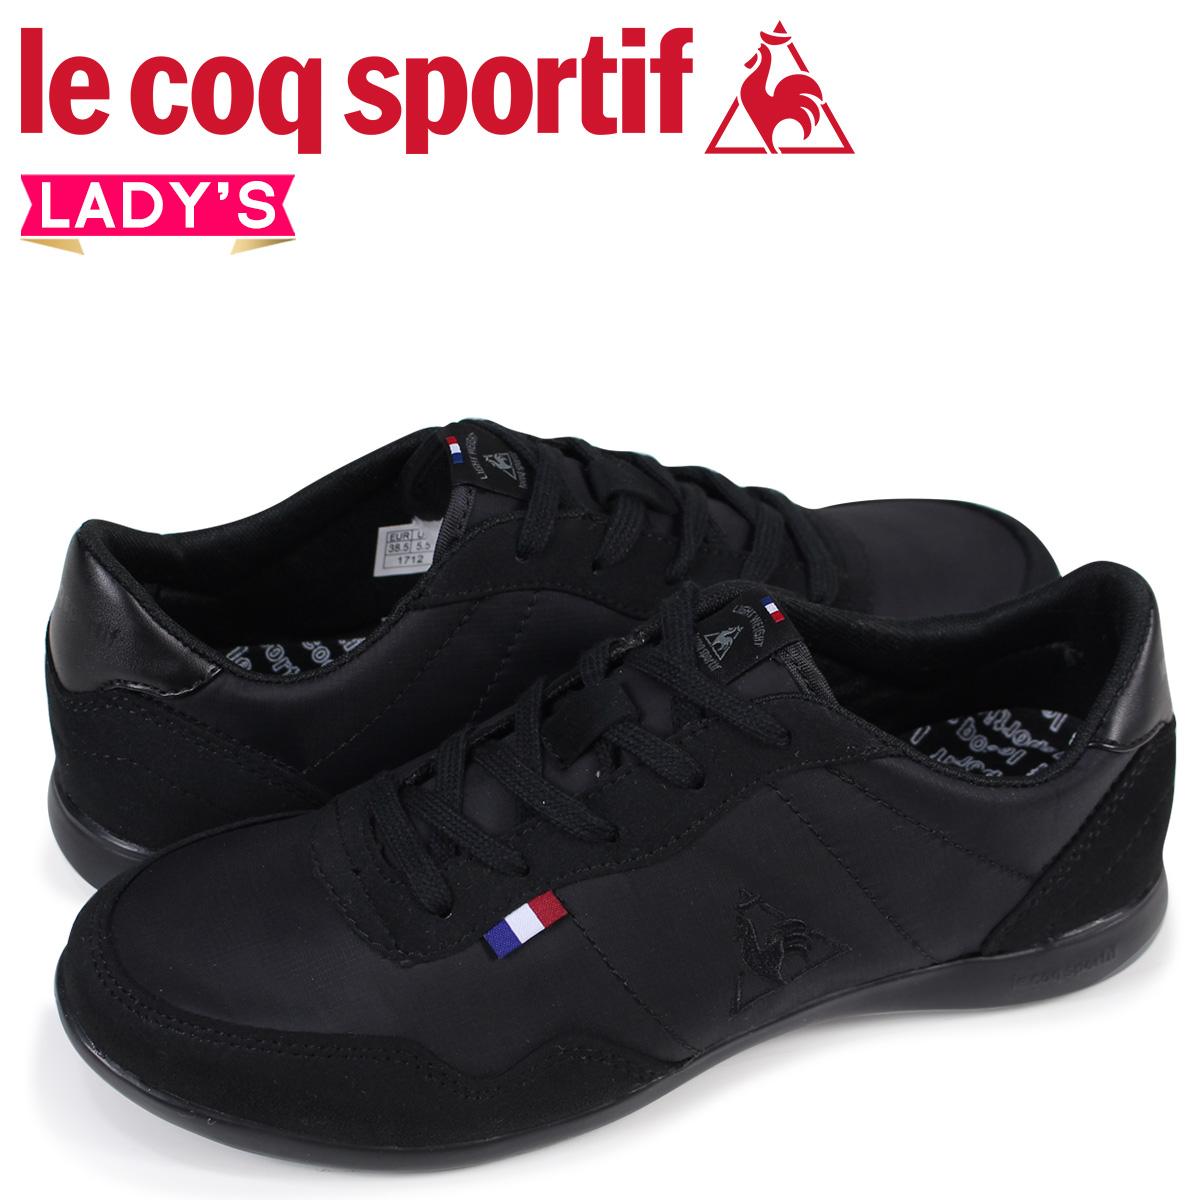 bd906a746604e1 le coq sportif SEGUR II WIDE ルコックスポルティフレディーススニーカーセギュール II wide black  QFM-6113BK [2/10 Shinnyu load] [182]